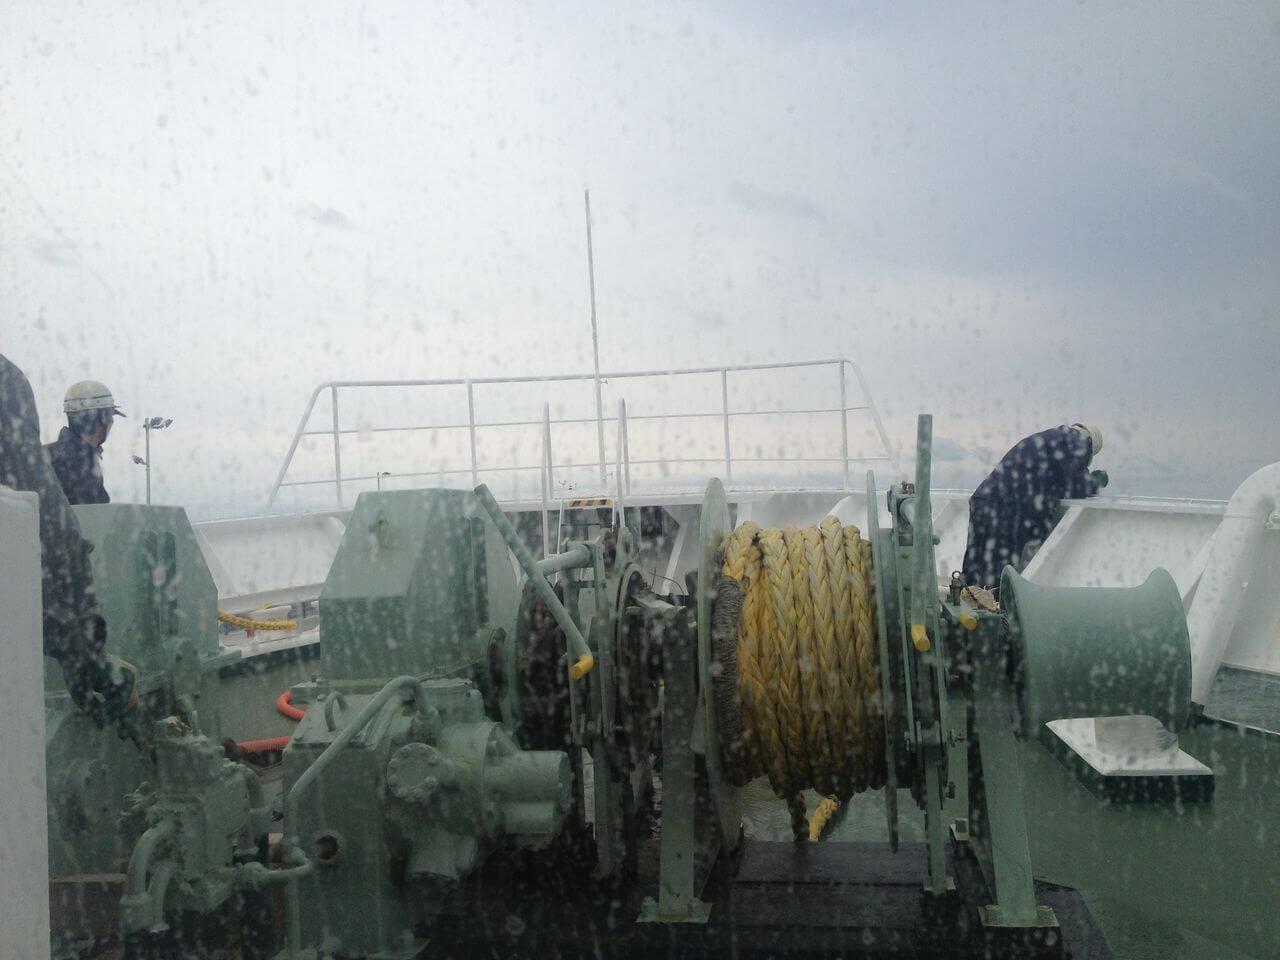 船員さんが船の周りを確認